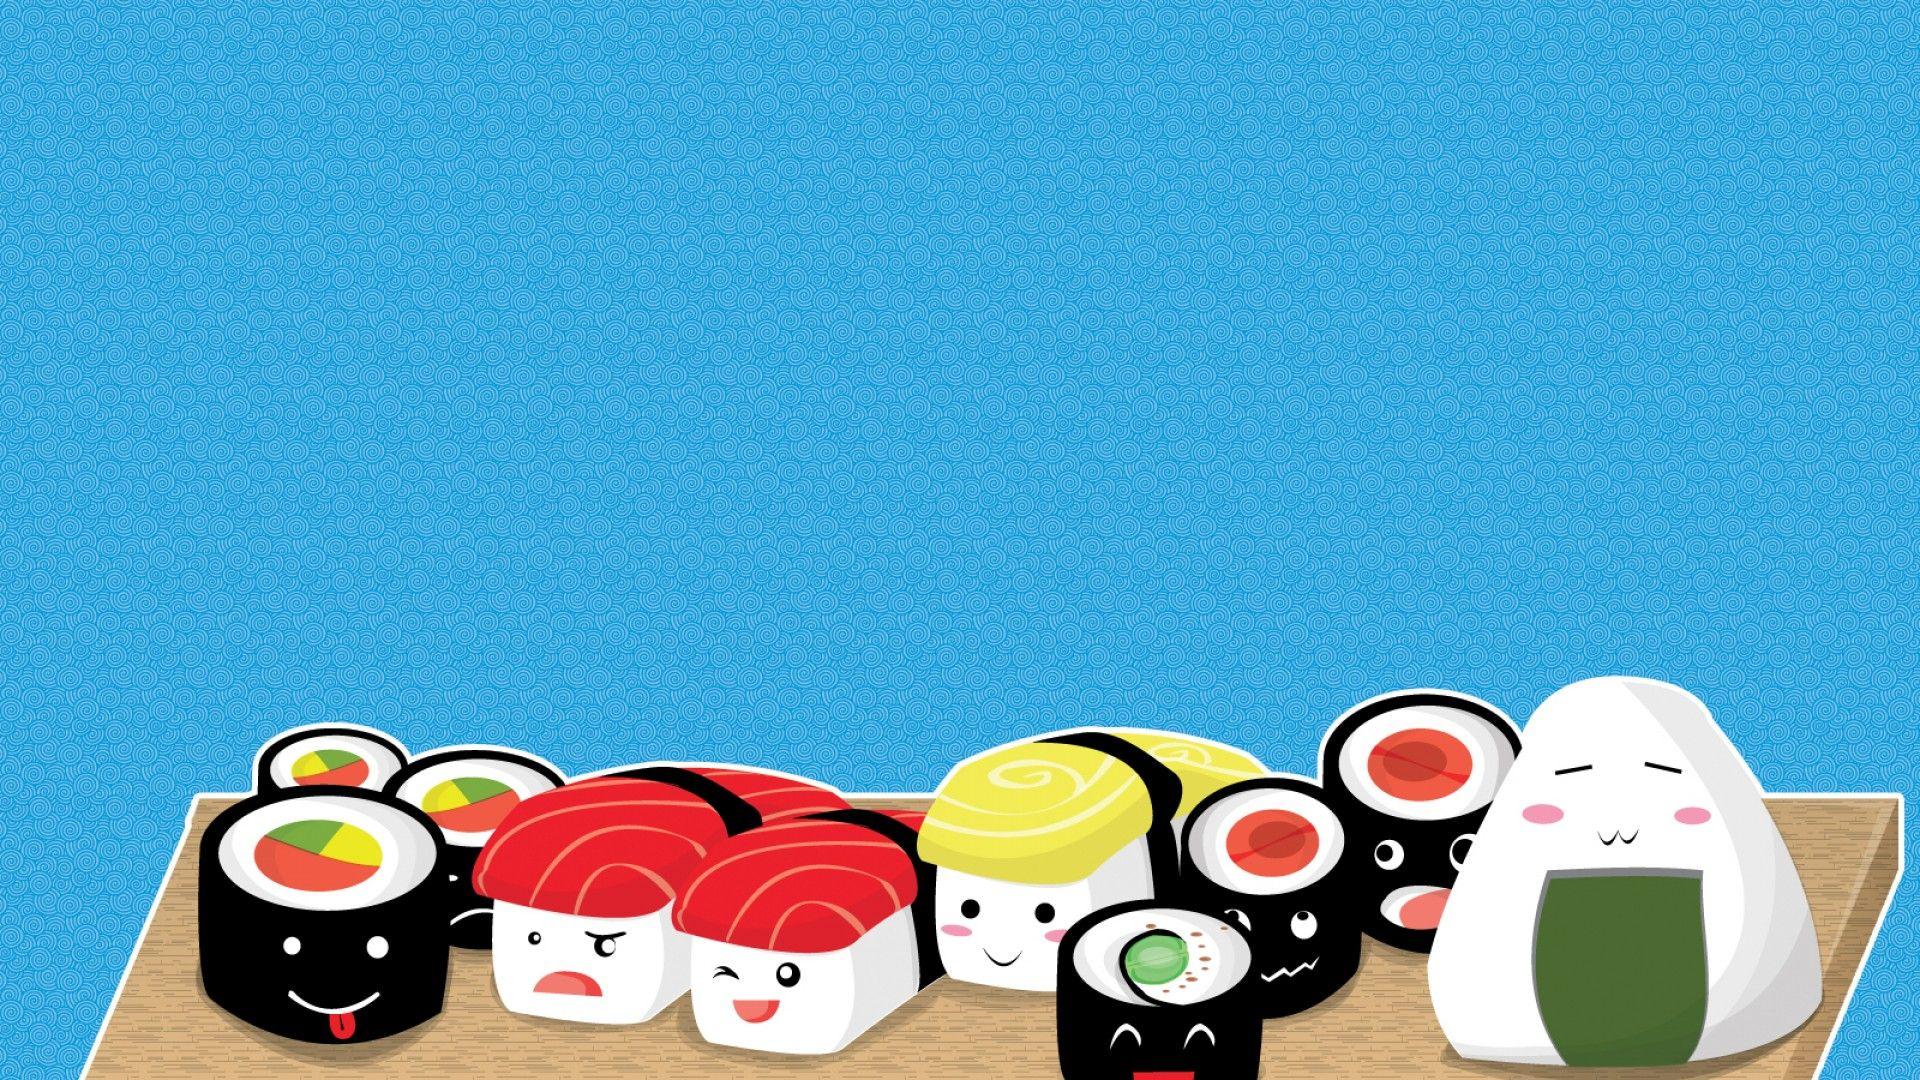 Cartoon Sushi Wallpapers   Top Cartoon Sushi Backgrounds 1920x1080